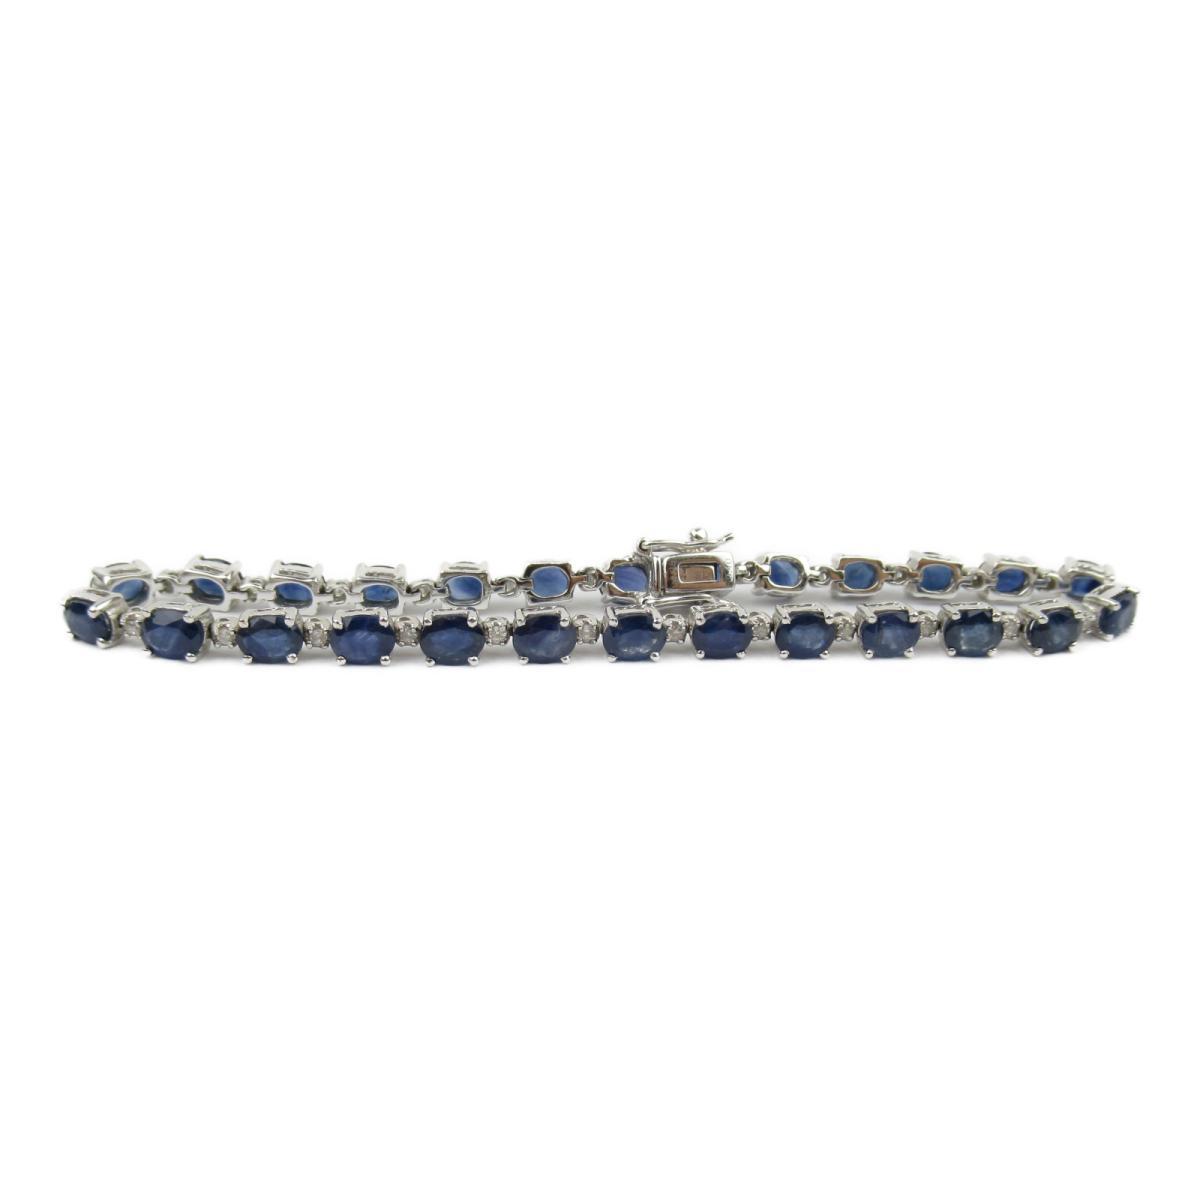 ジュエリー サファイア ダイヤモンド ブレスレット ノーブランドジュエリー レディース K18WG (750) ホワイトゴールド x サファイア9.40/ダイヤモンド0.25ct 【中古】 | ブランド